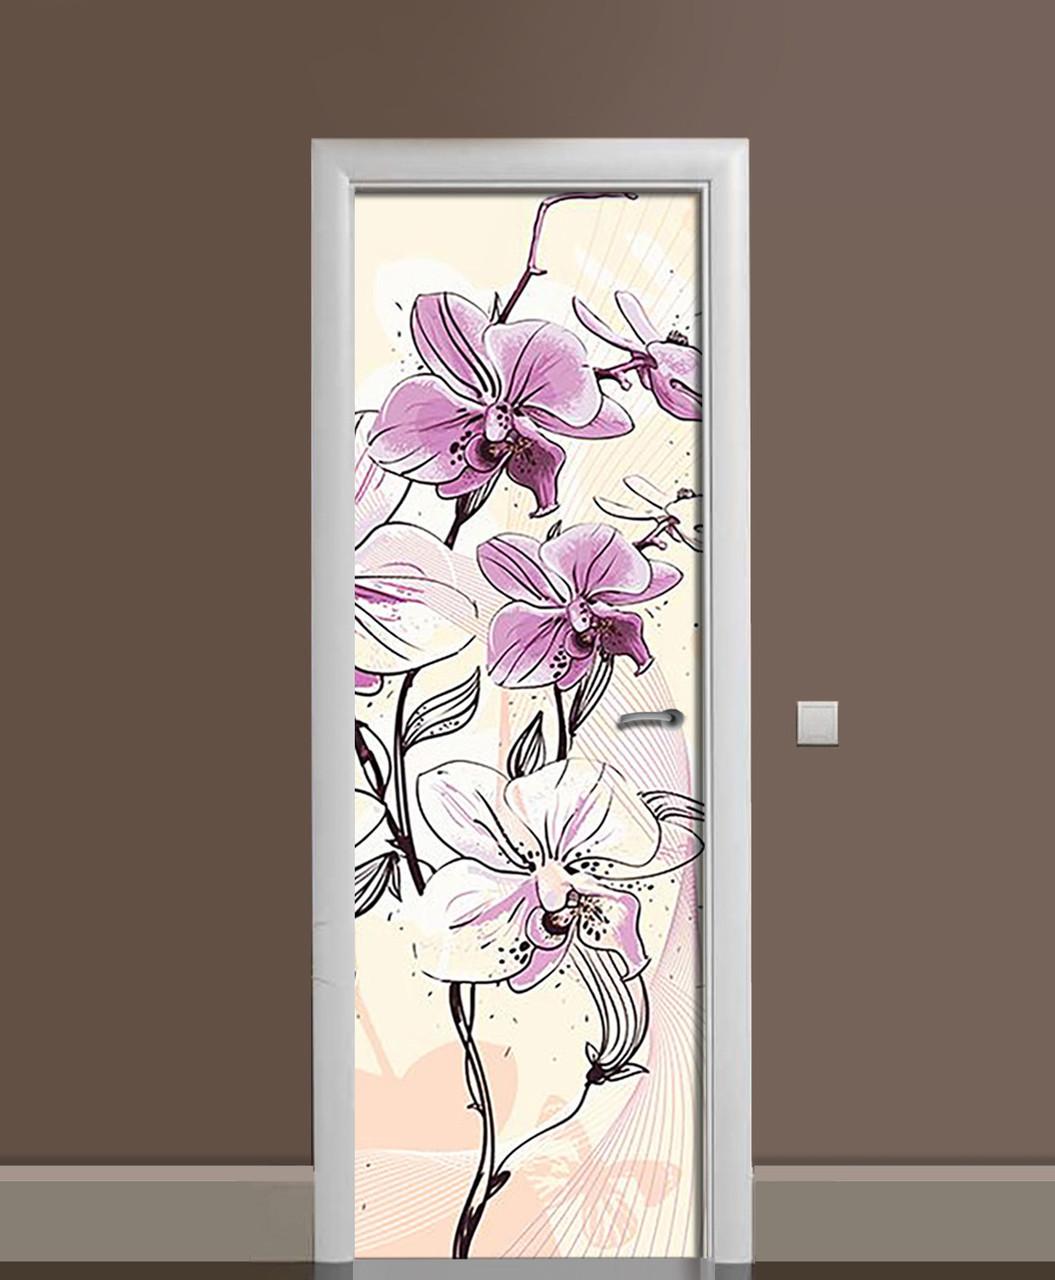 Наклейка на двери Нарисованные Орхидеи виниловая пленка ламинированная ПВХ цветы бабочки Бежевый 650*2000 мм